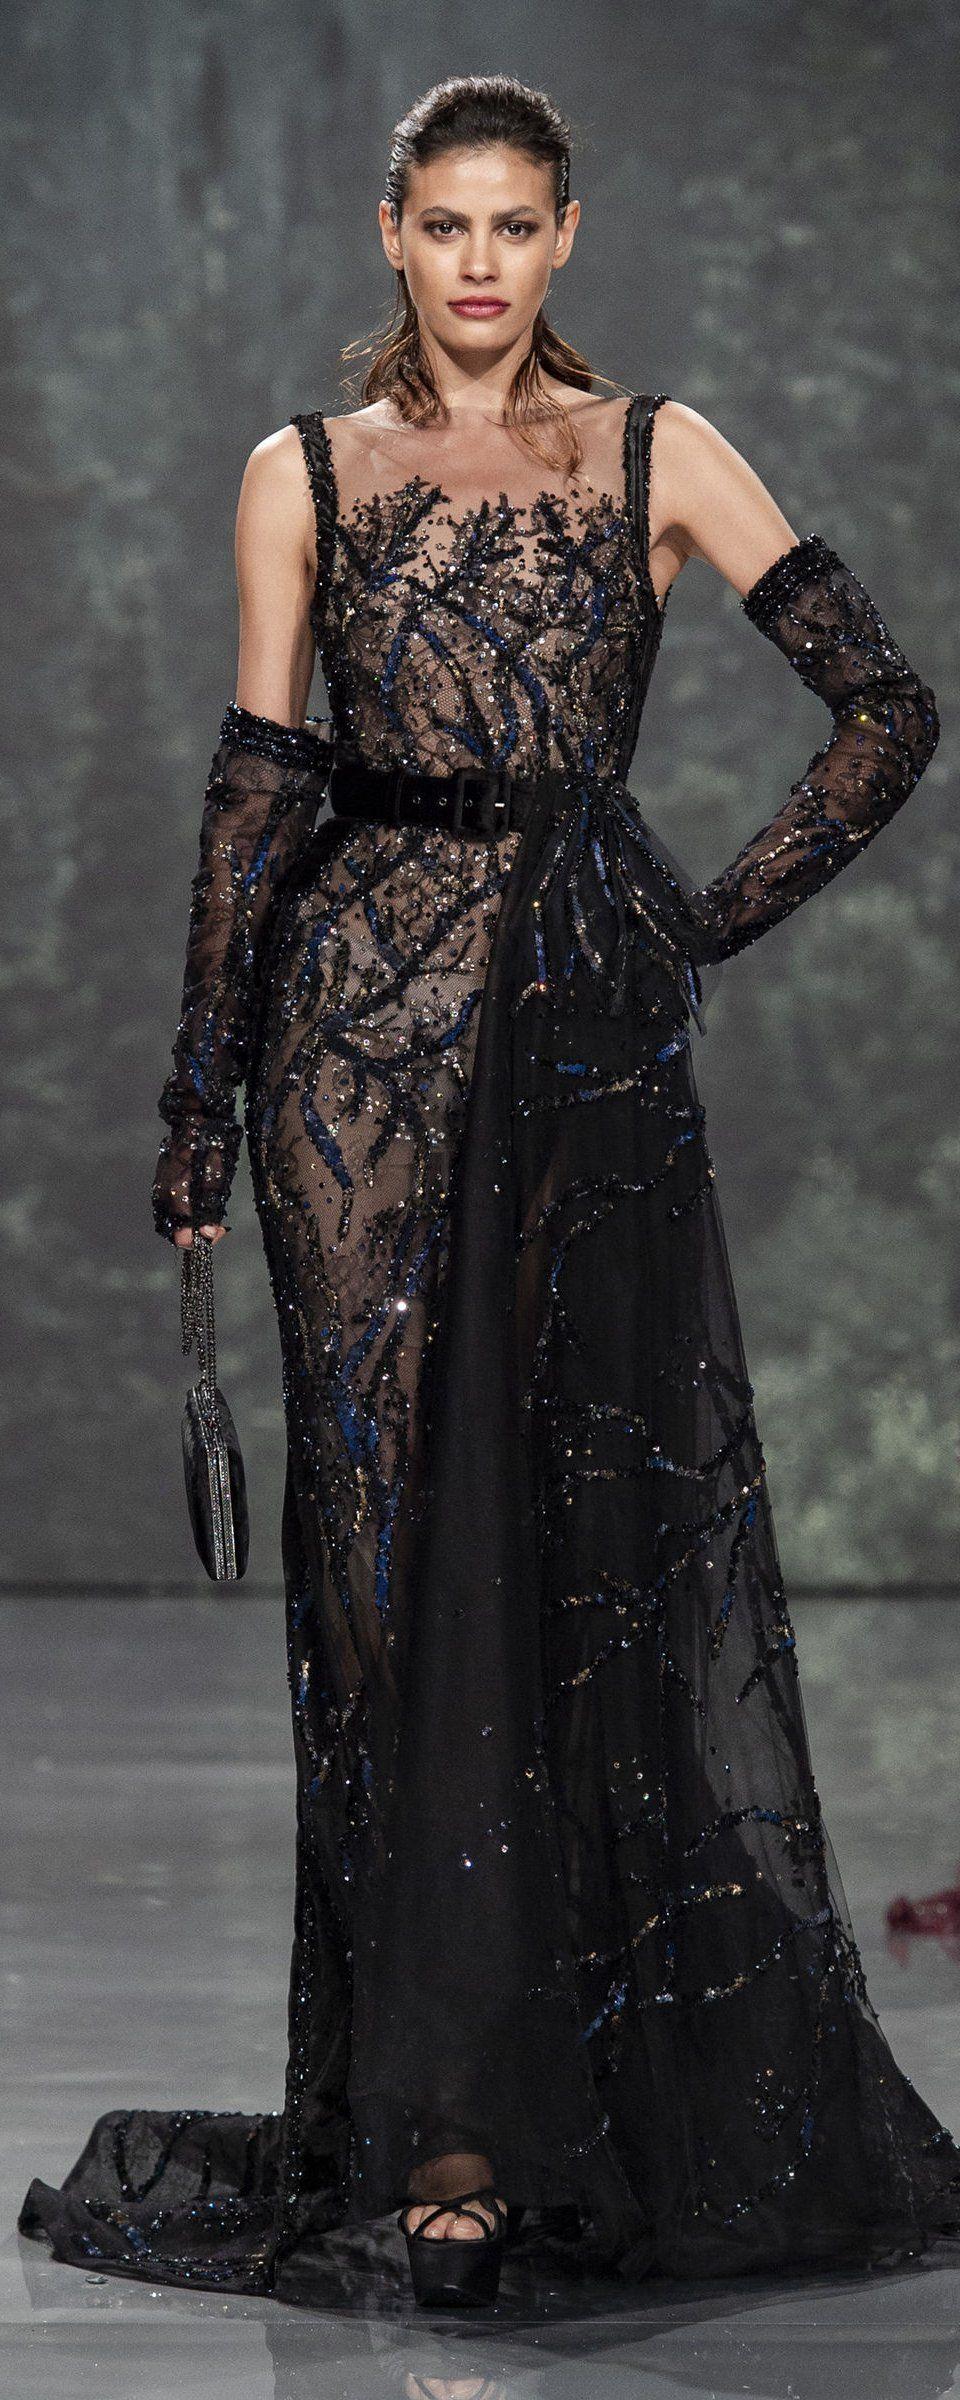 Ziad Nakad Fallwinter   Couture  Womenus fashion